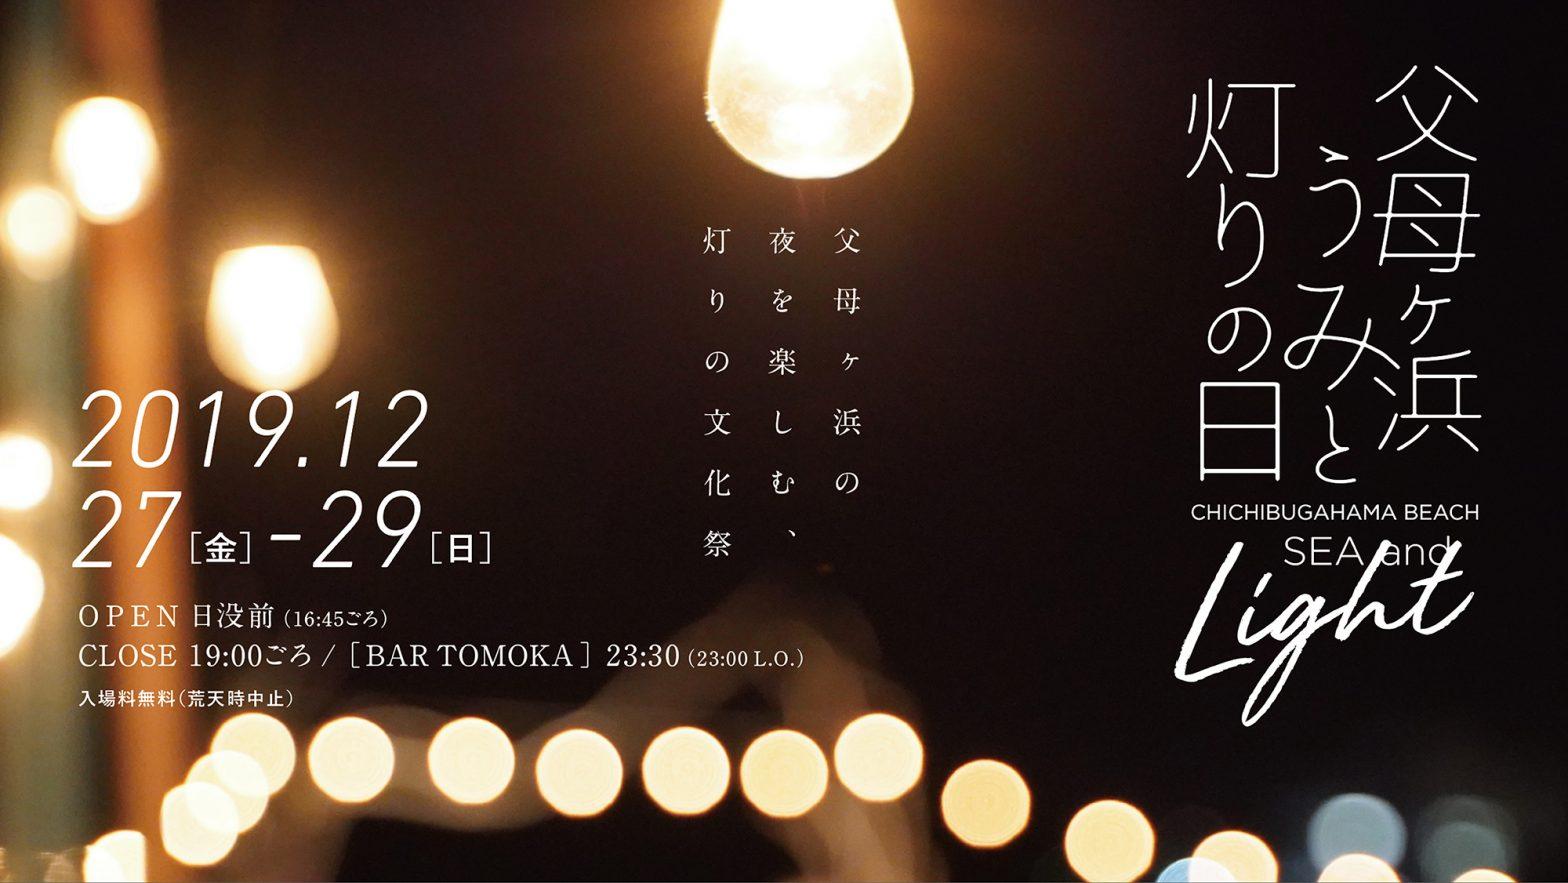 父母ヶ浜の夜を楽しむ、灯りの文化祭「父母ヶ浜 うみと灯りの日」12月27日(金)~29日(日)開催!